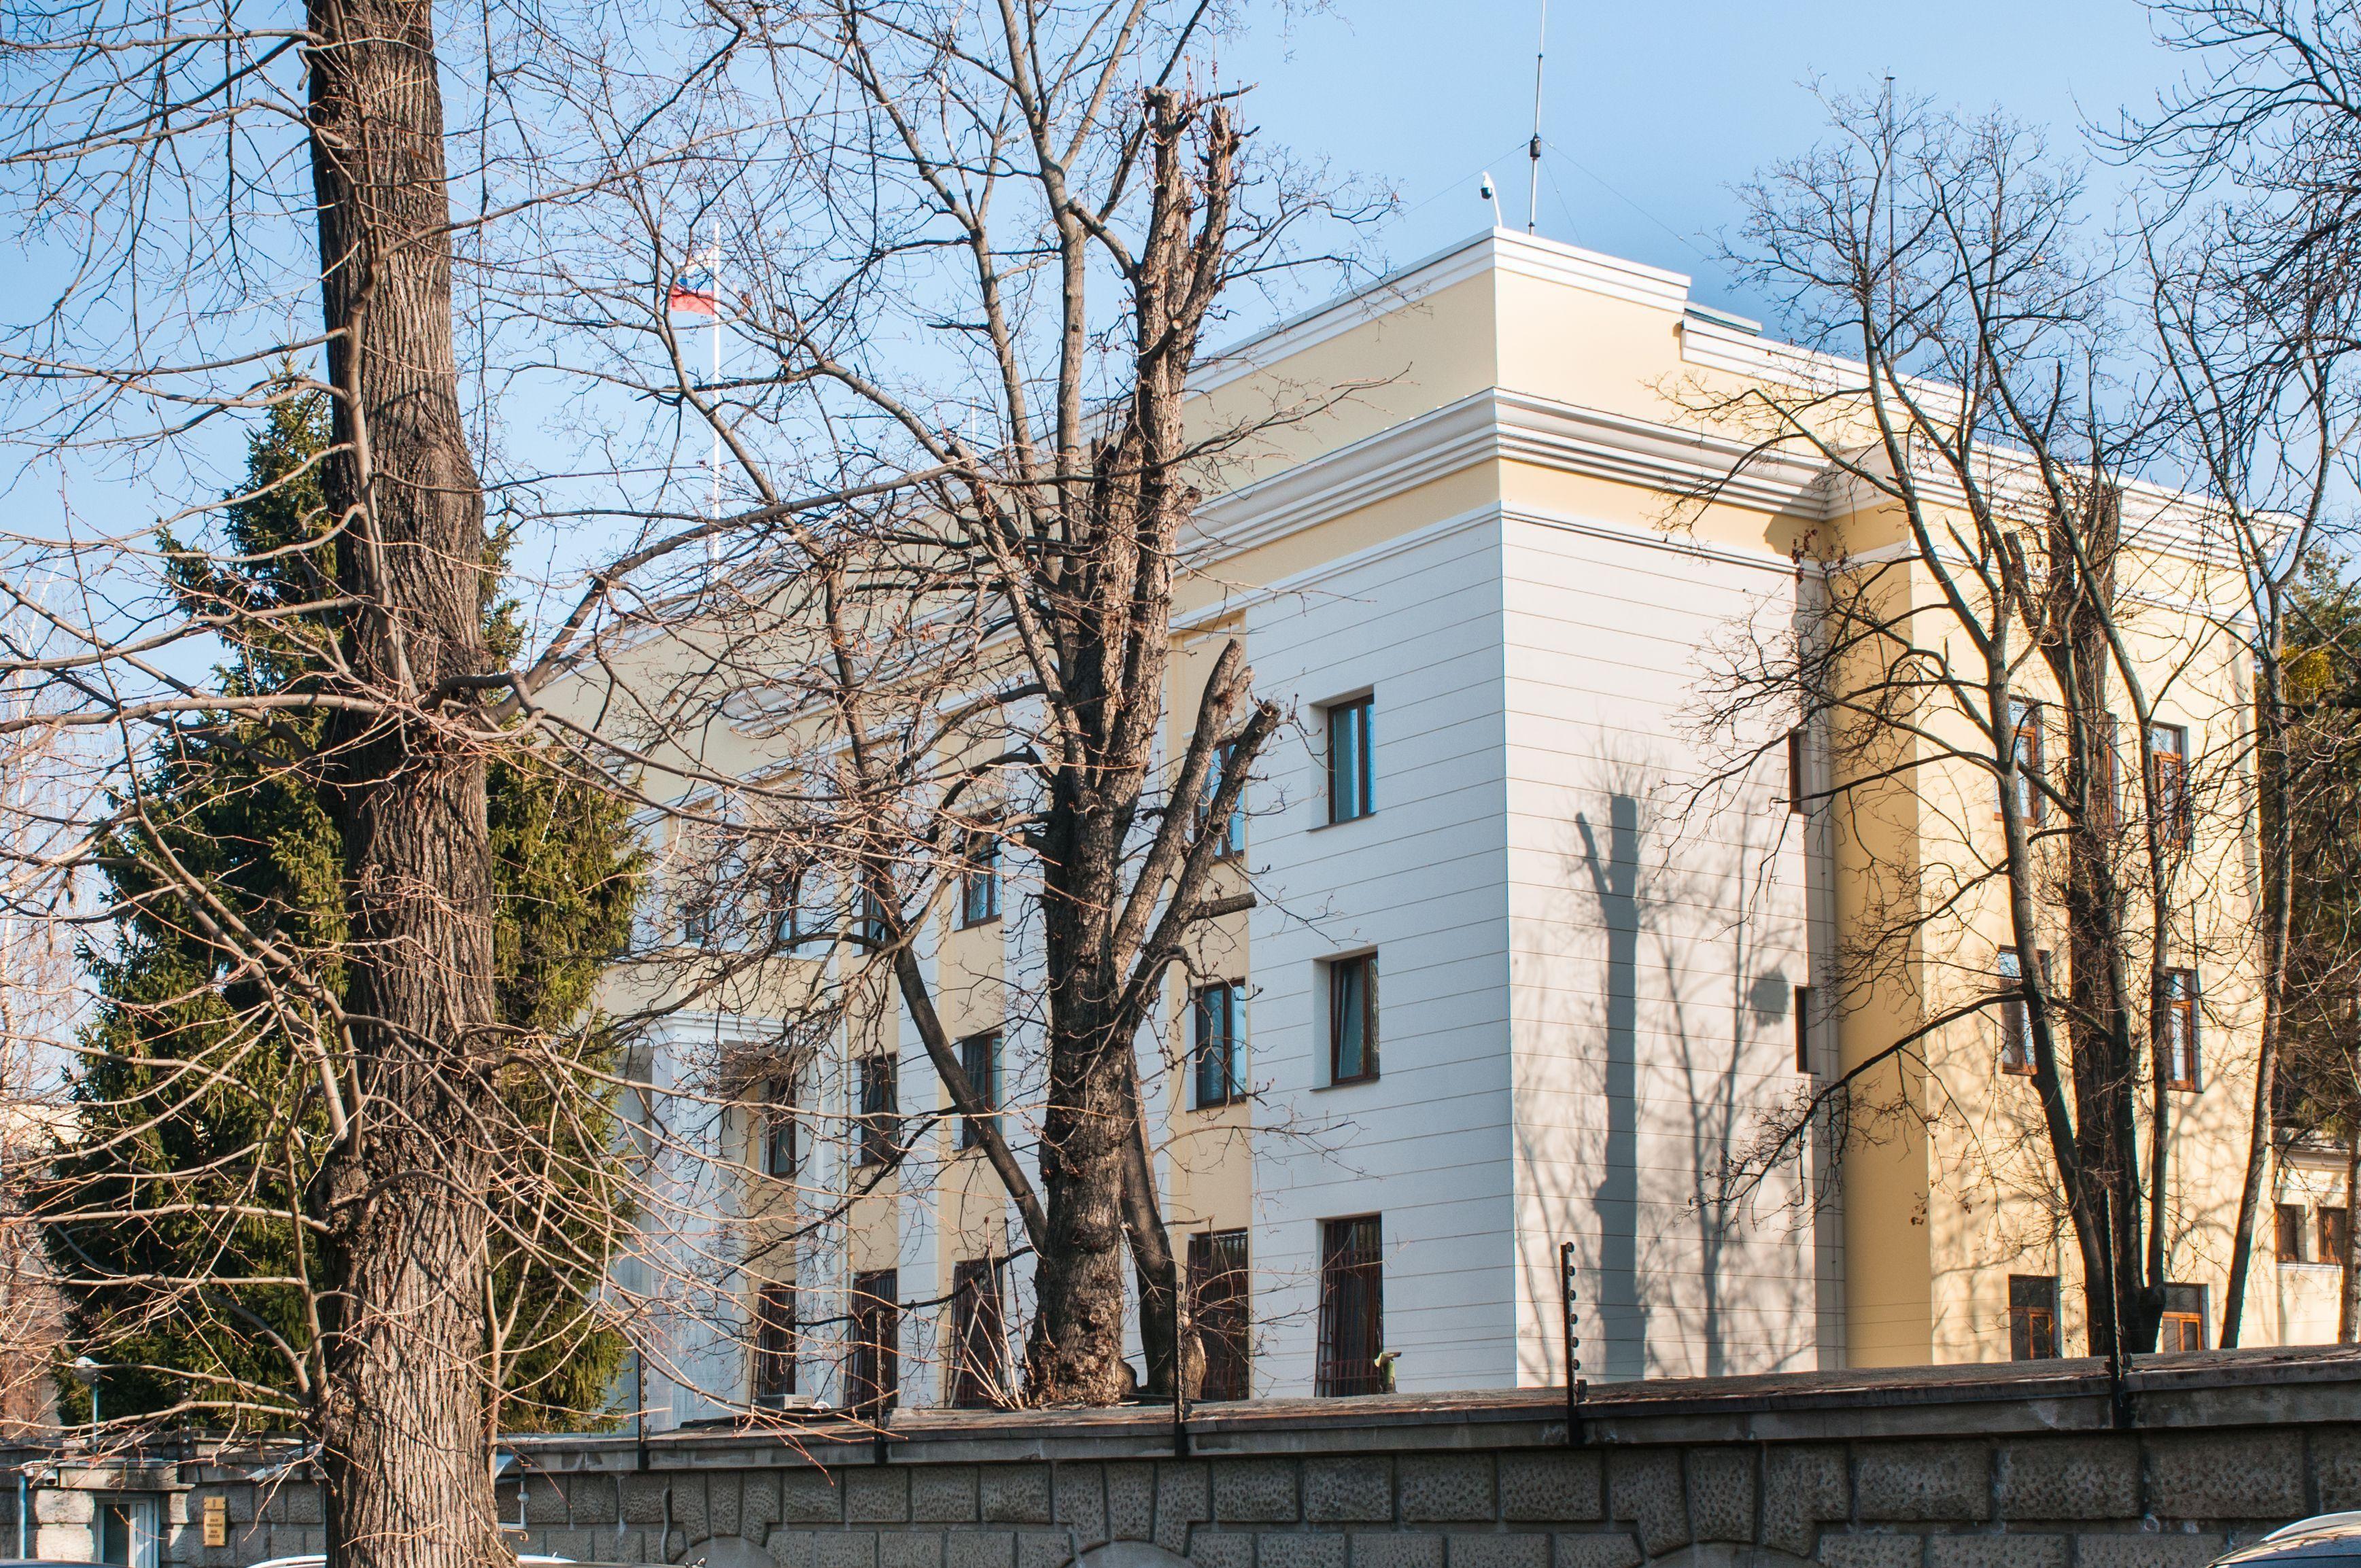 Scandalul diplomatic ia amploare: Rusia expulzează un diplomat italian, ca represalii la o măsură similară a Italiei